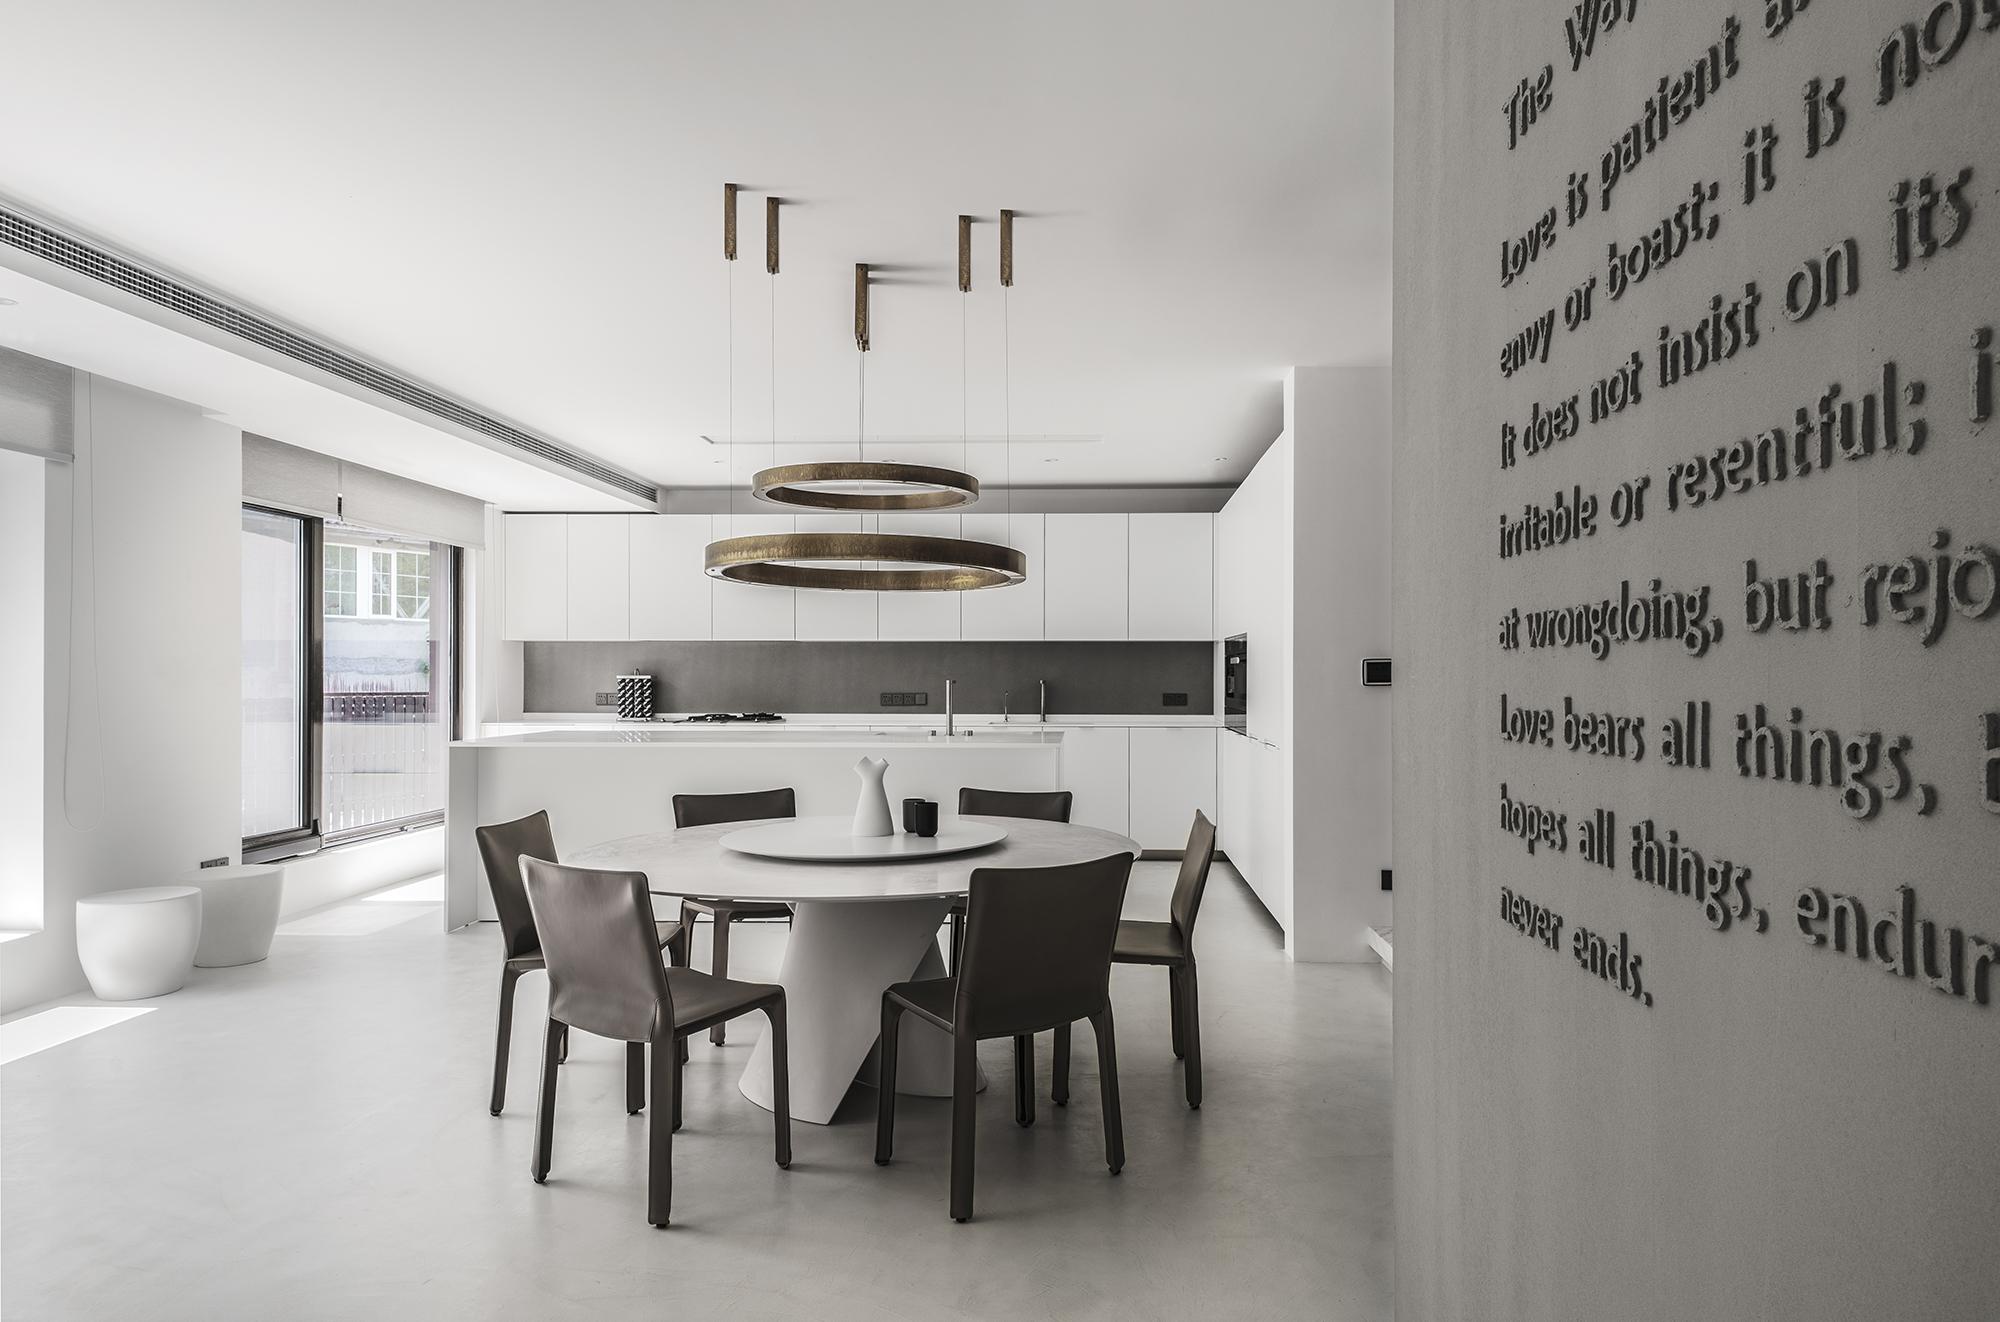 12, 1F Dining Room